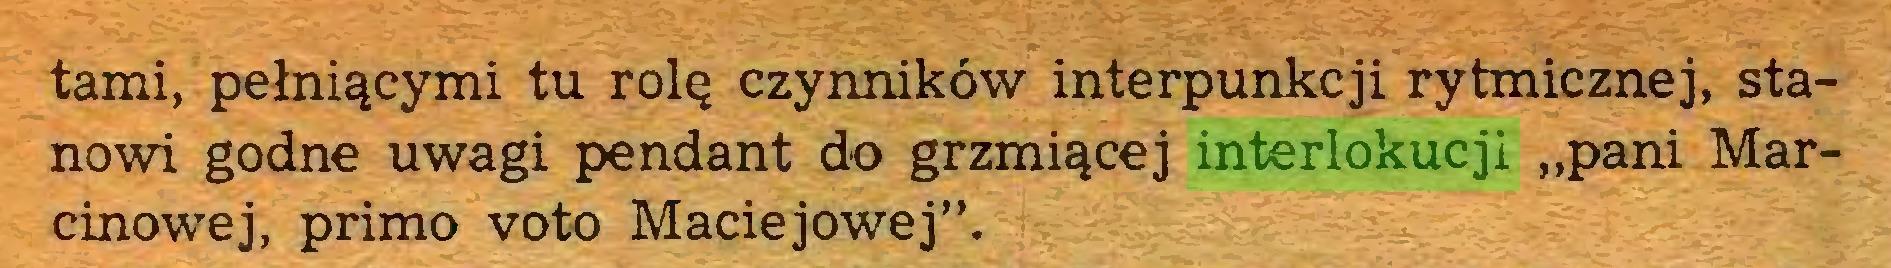 """(...) tami, pełniącymi tu rolę czynników interpunkcji rytmicznej, stanowi godne uwagi pendant do grzmiącej interlokucji """"pani Marcinowej, primo voto Maciejowej""""..."""